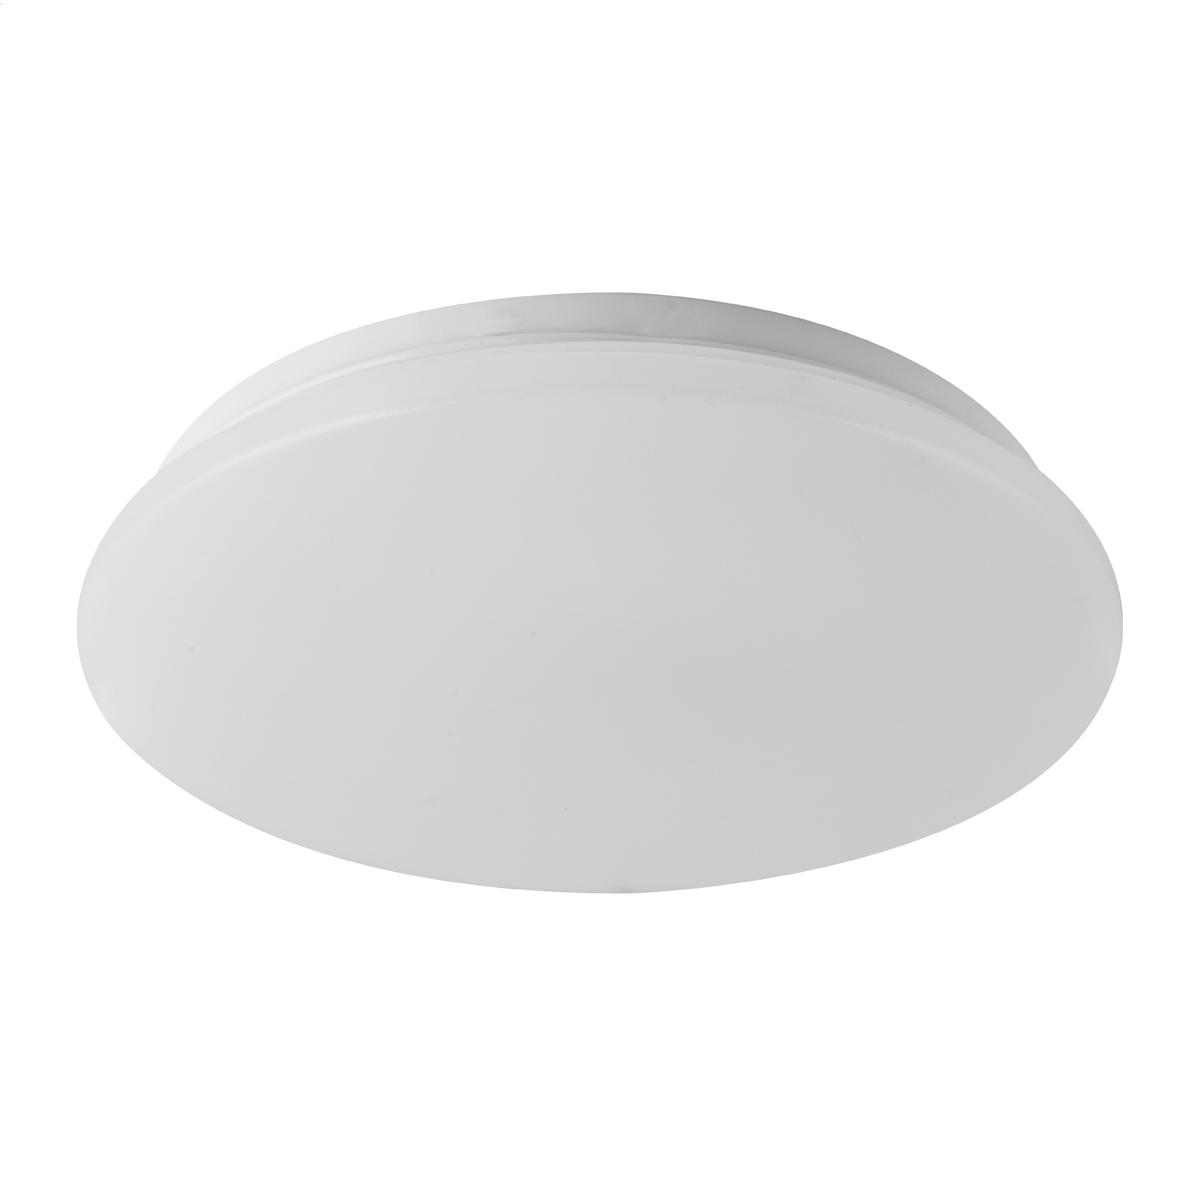 Platinet plafond lamp / plafonniere, 12W, 3000K, frosted, 210mm doorsnede, 840lumen